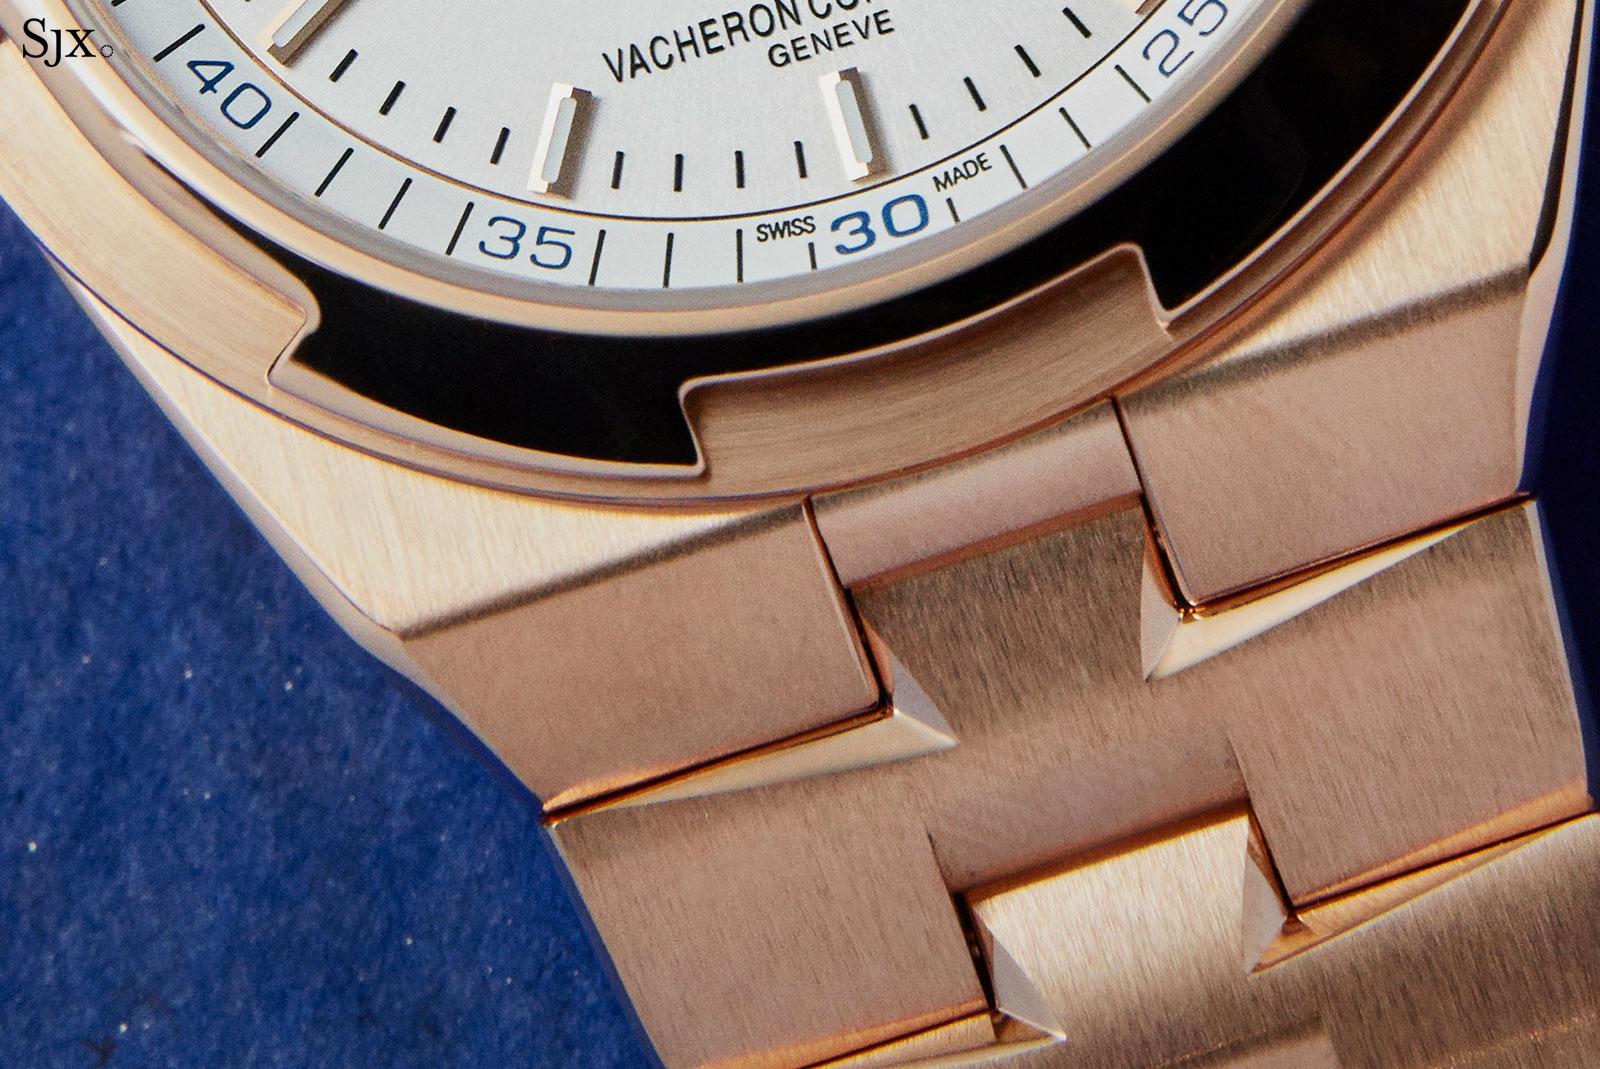 Vacheron Overseas Perpetual pink gold bracelet 4